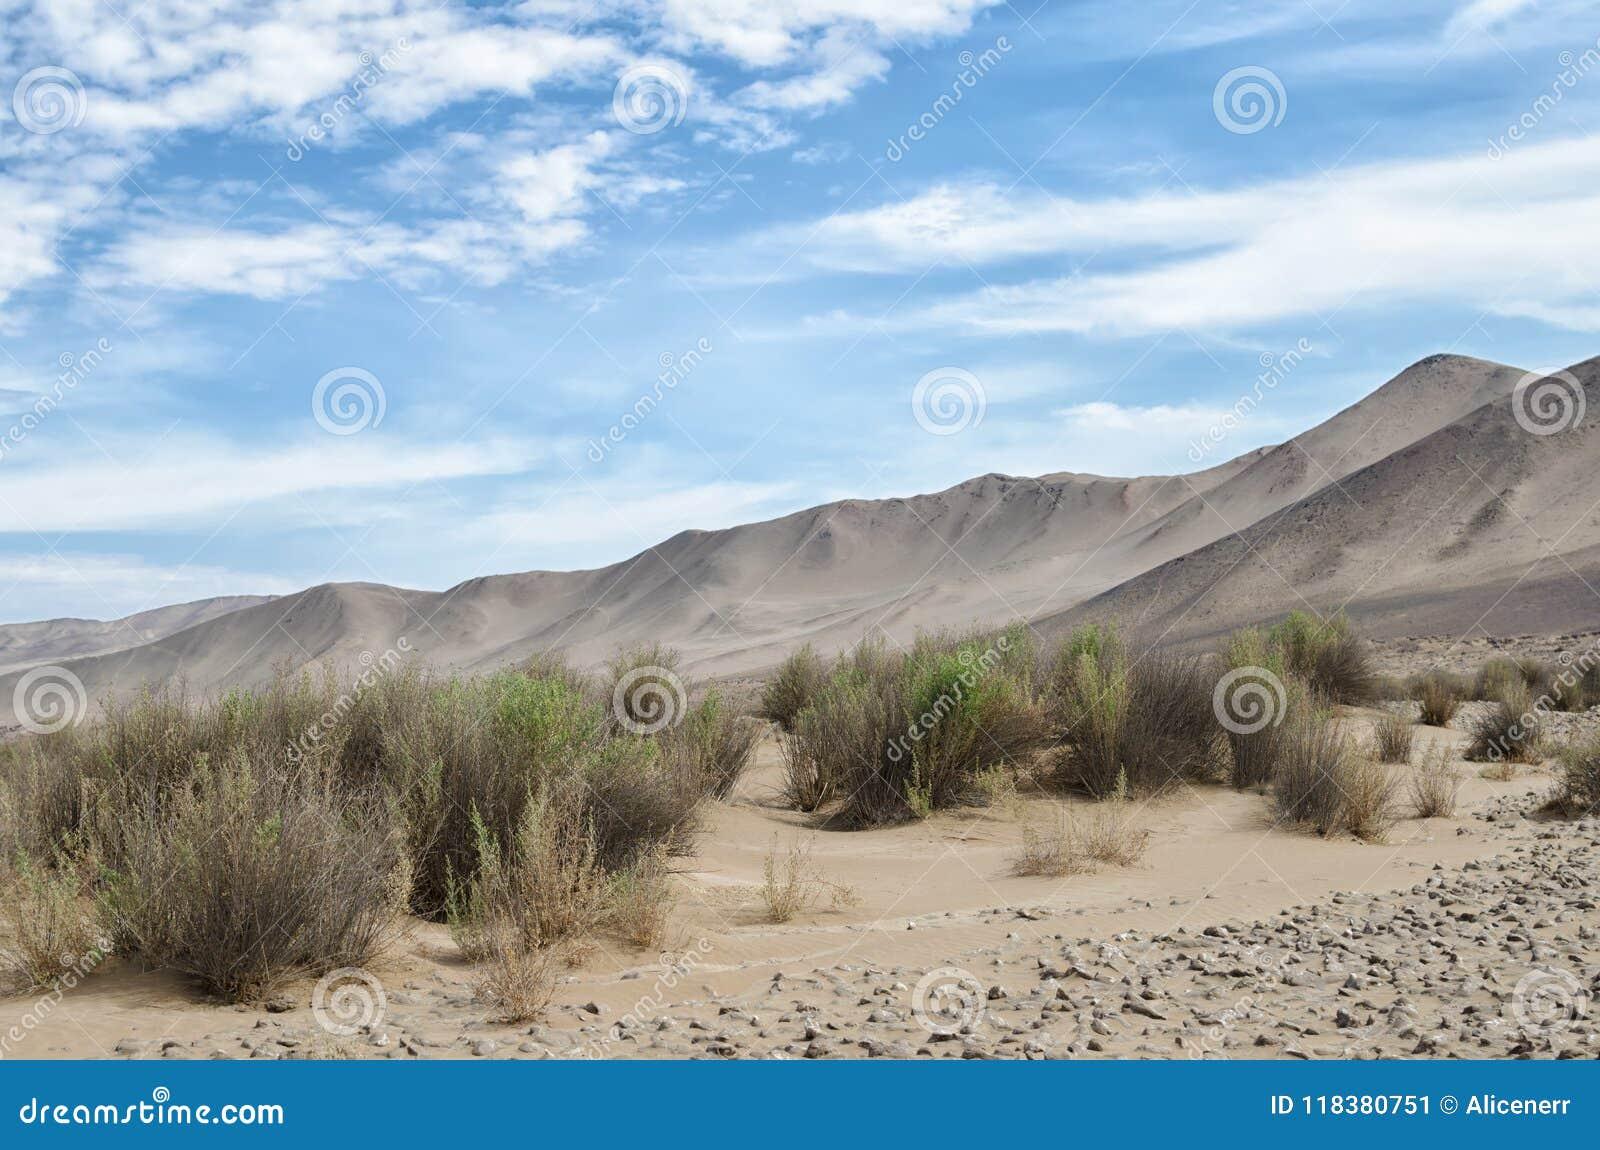 对na沙漠、山、草和盐—秀丽的看法